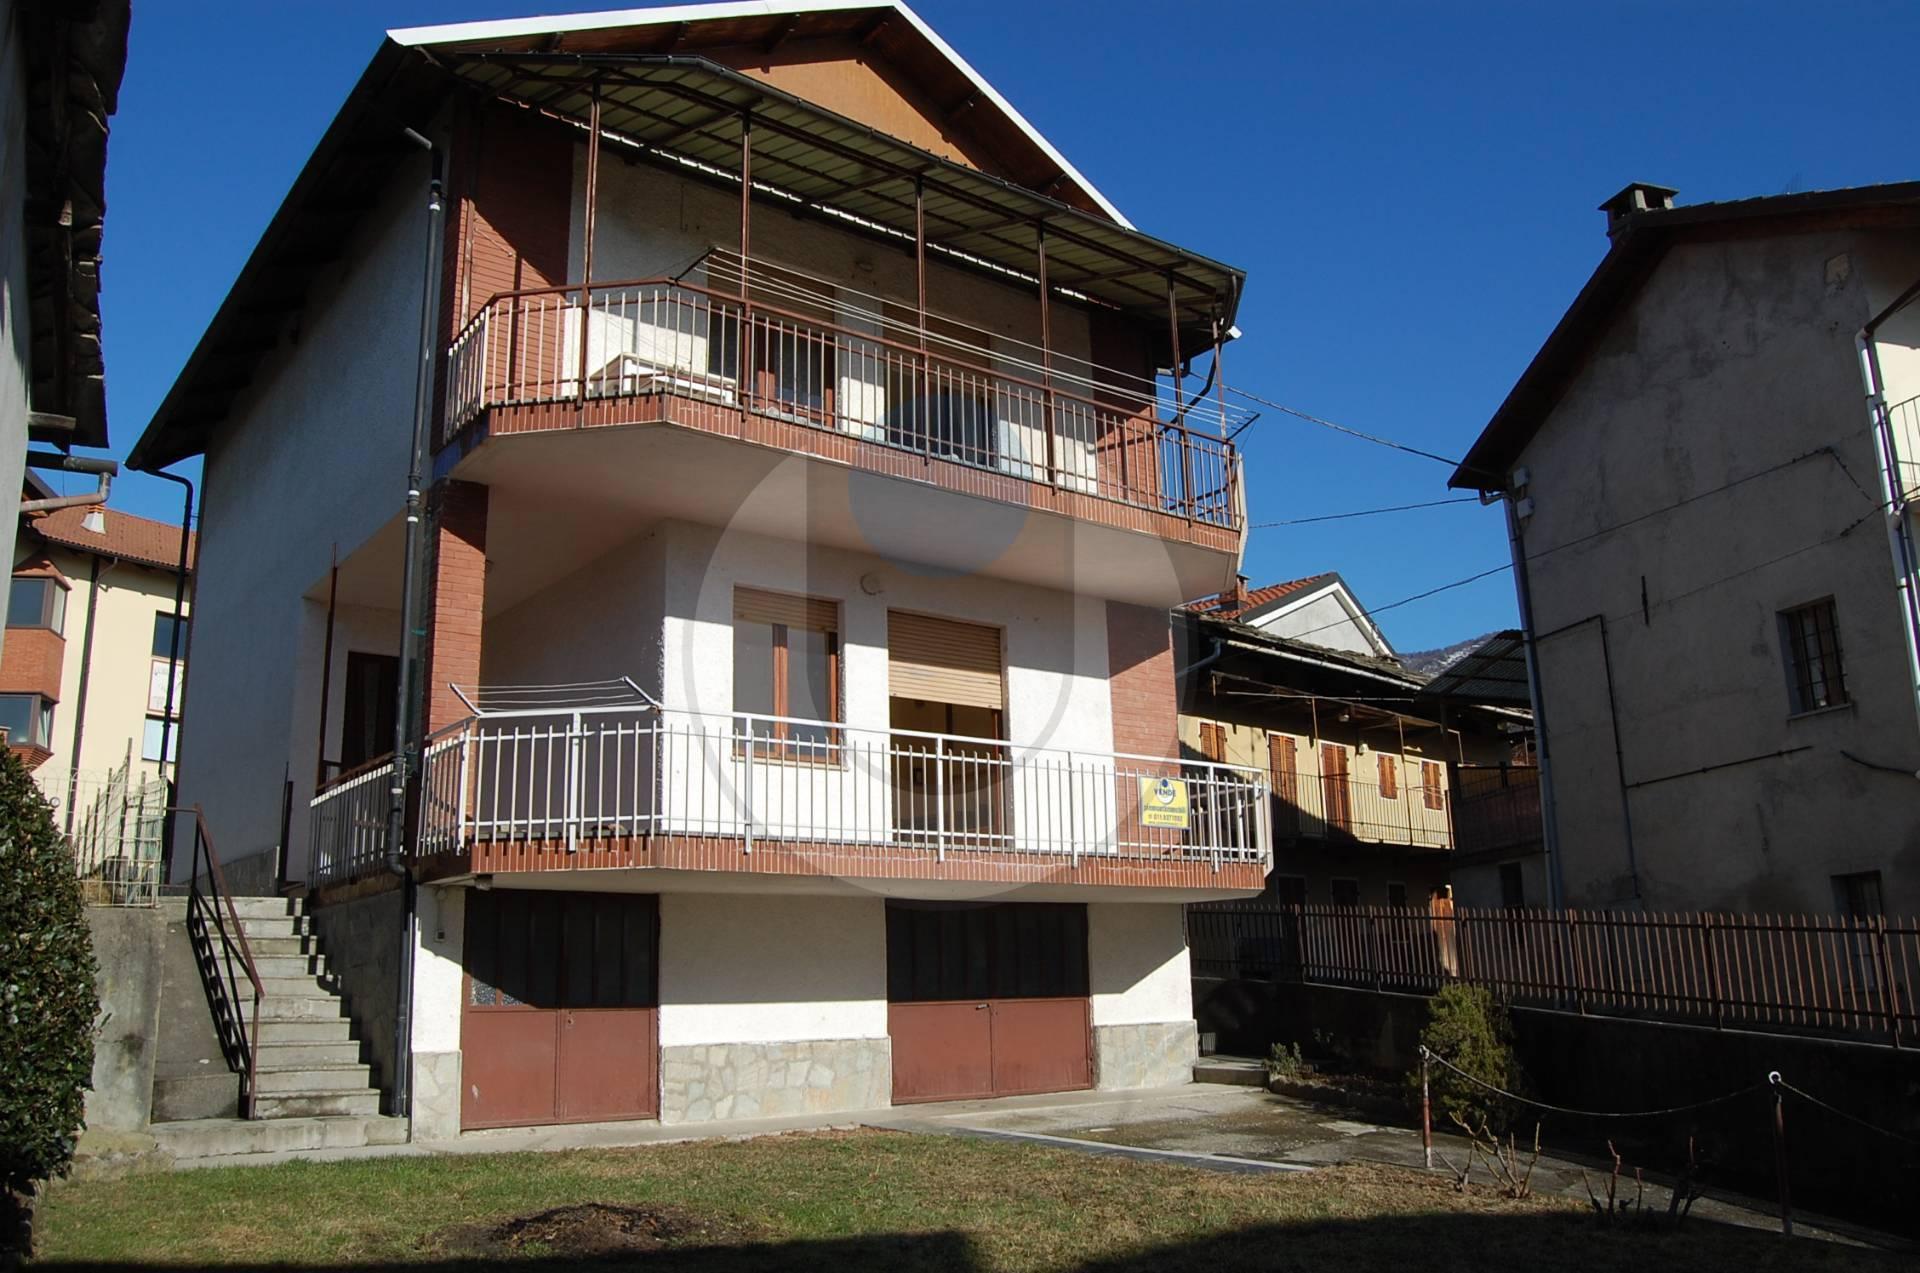 Soluzione Indipendente in vendita a Coazze, 7 locali, zona Località: Centro, prezzo € 139.000 | PortaleAgenzieImmobiliari.it